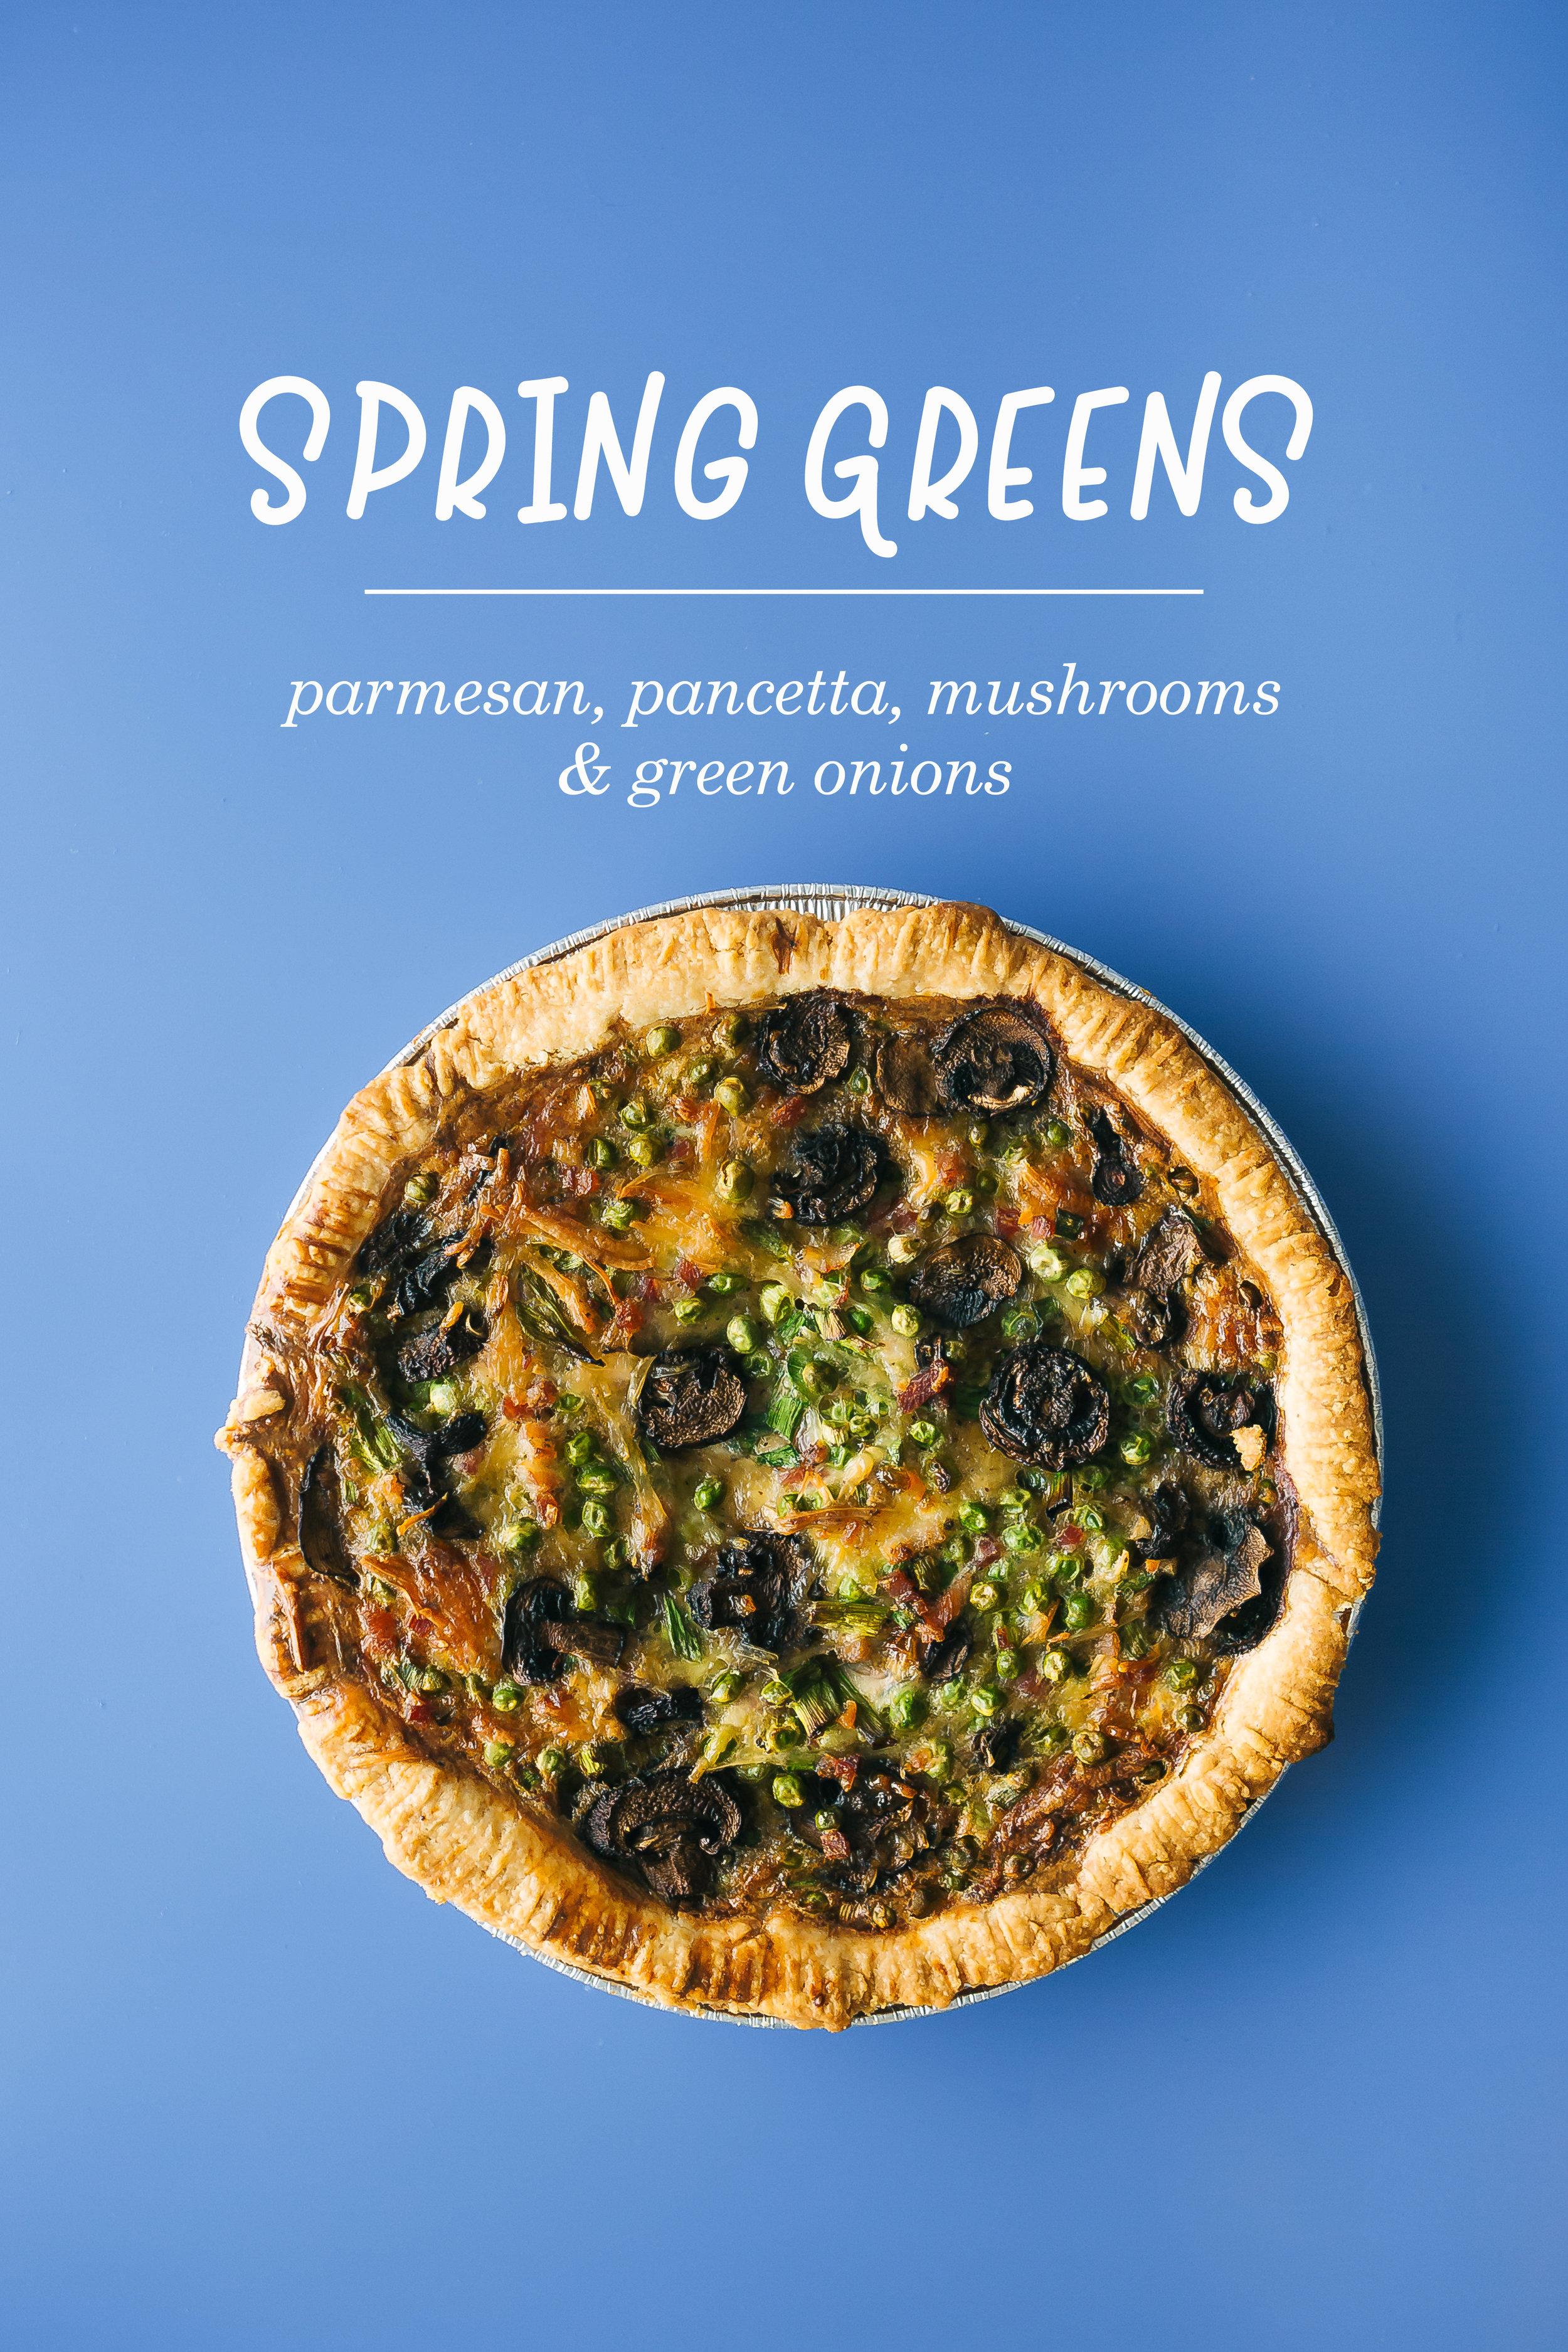 Quiche - Spring Greens.jpg